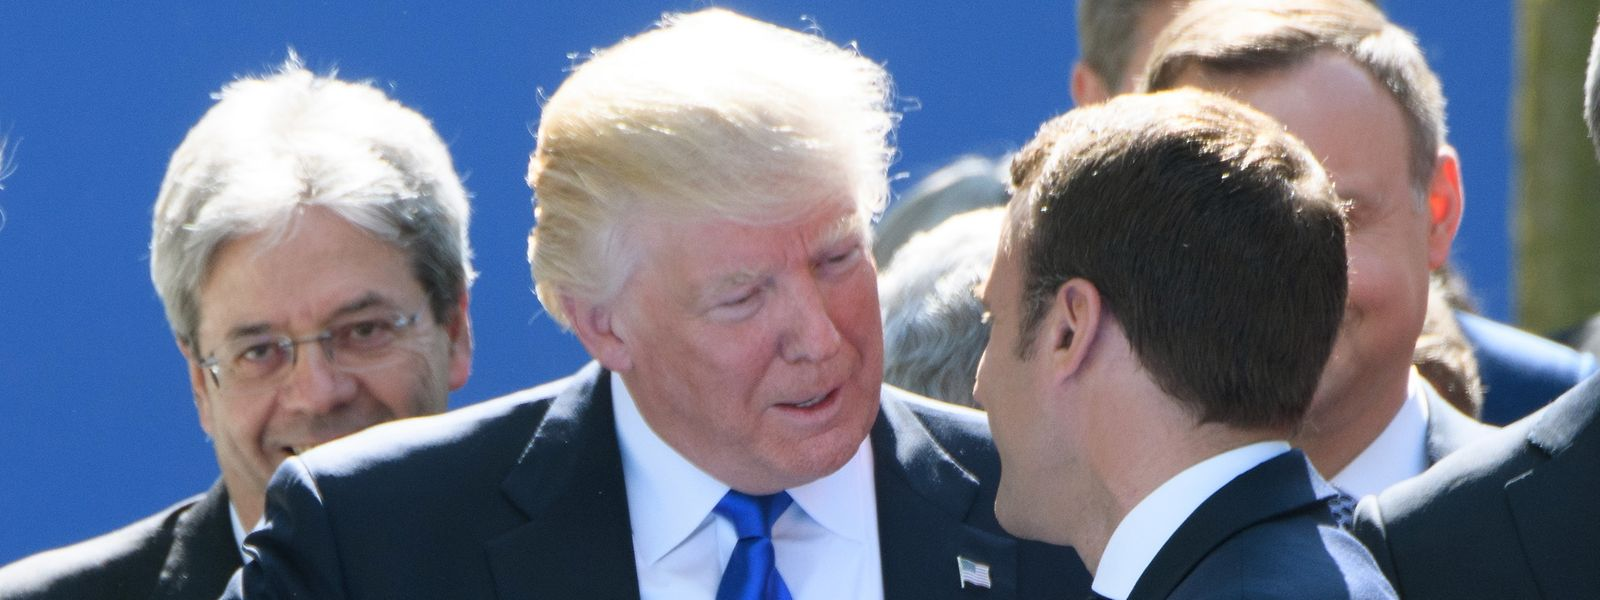 """Brüssel 2017: US-Präsident Donald Trump (l) und der französische Präsident Emmanuel Macron nehmen an der Eröffnungszeremonie des neuen Nato-Hauptquartiers teil. Der """"Handshake"""" dauert fast 30 Sekunden."""